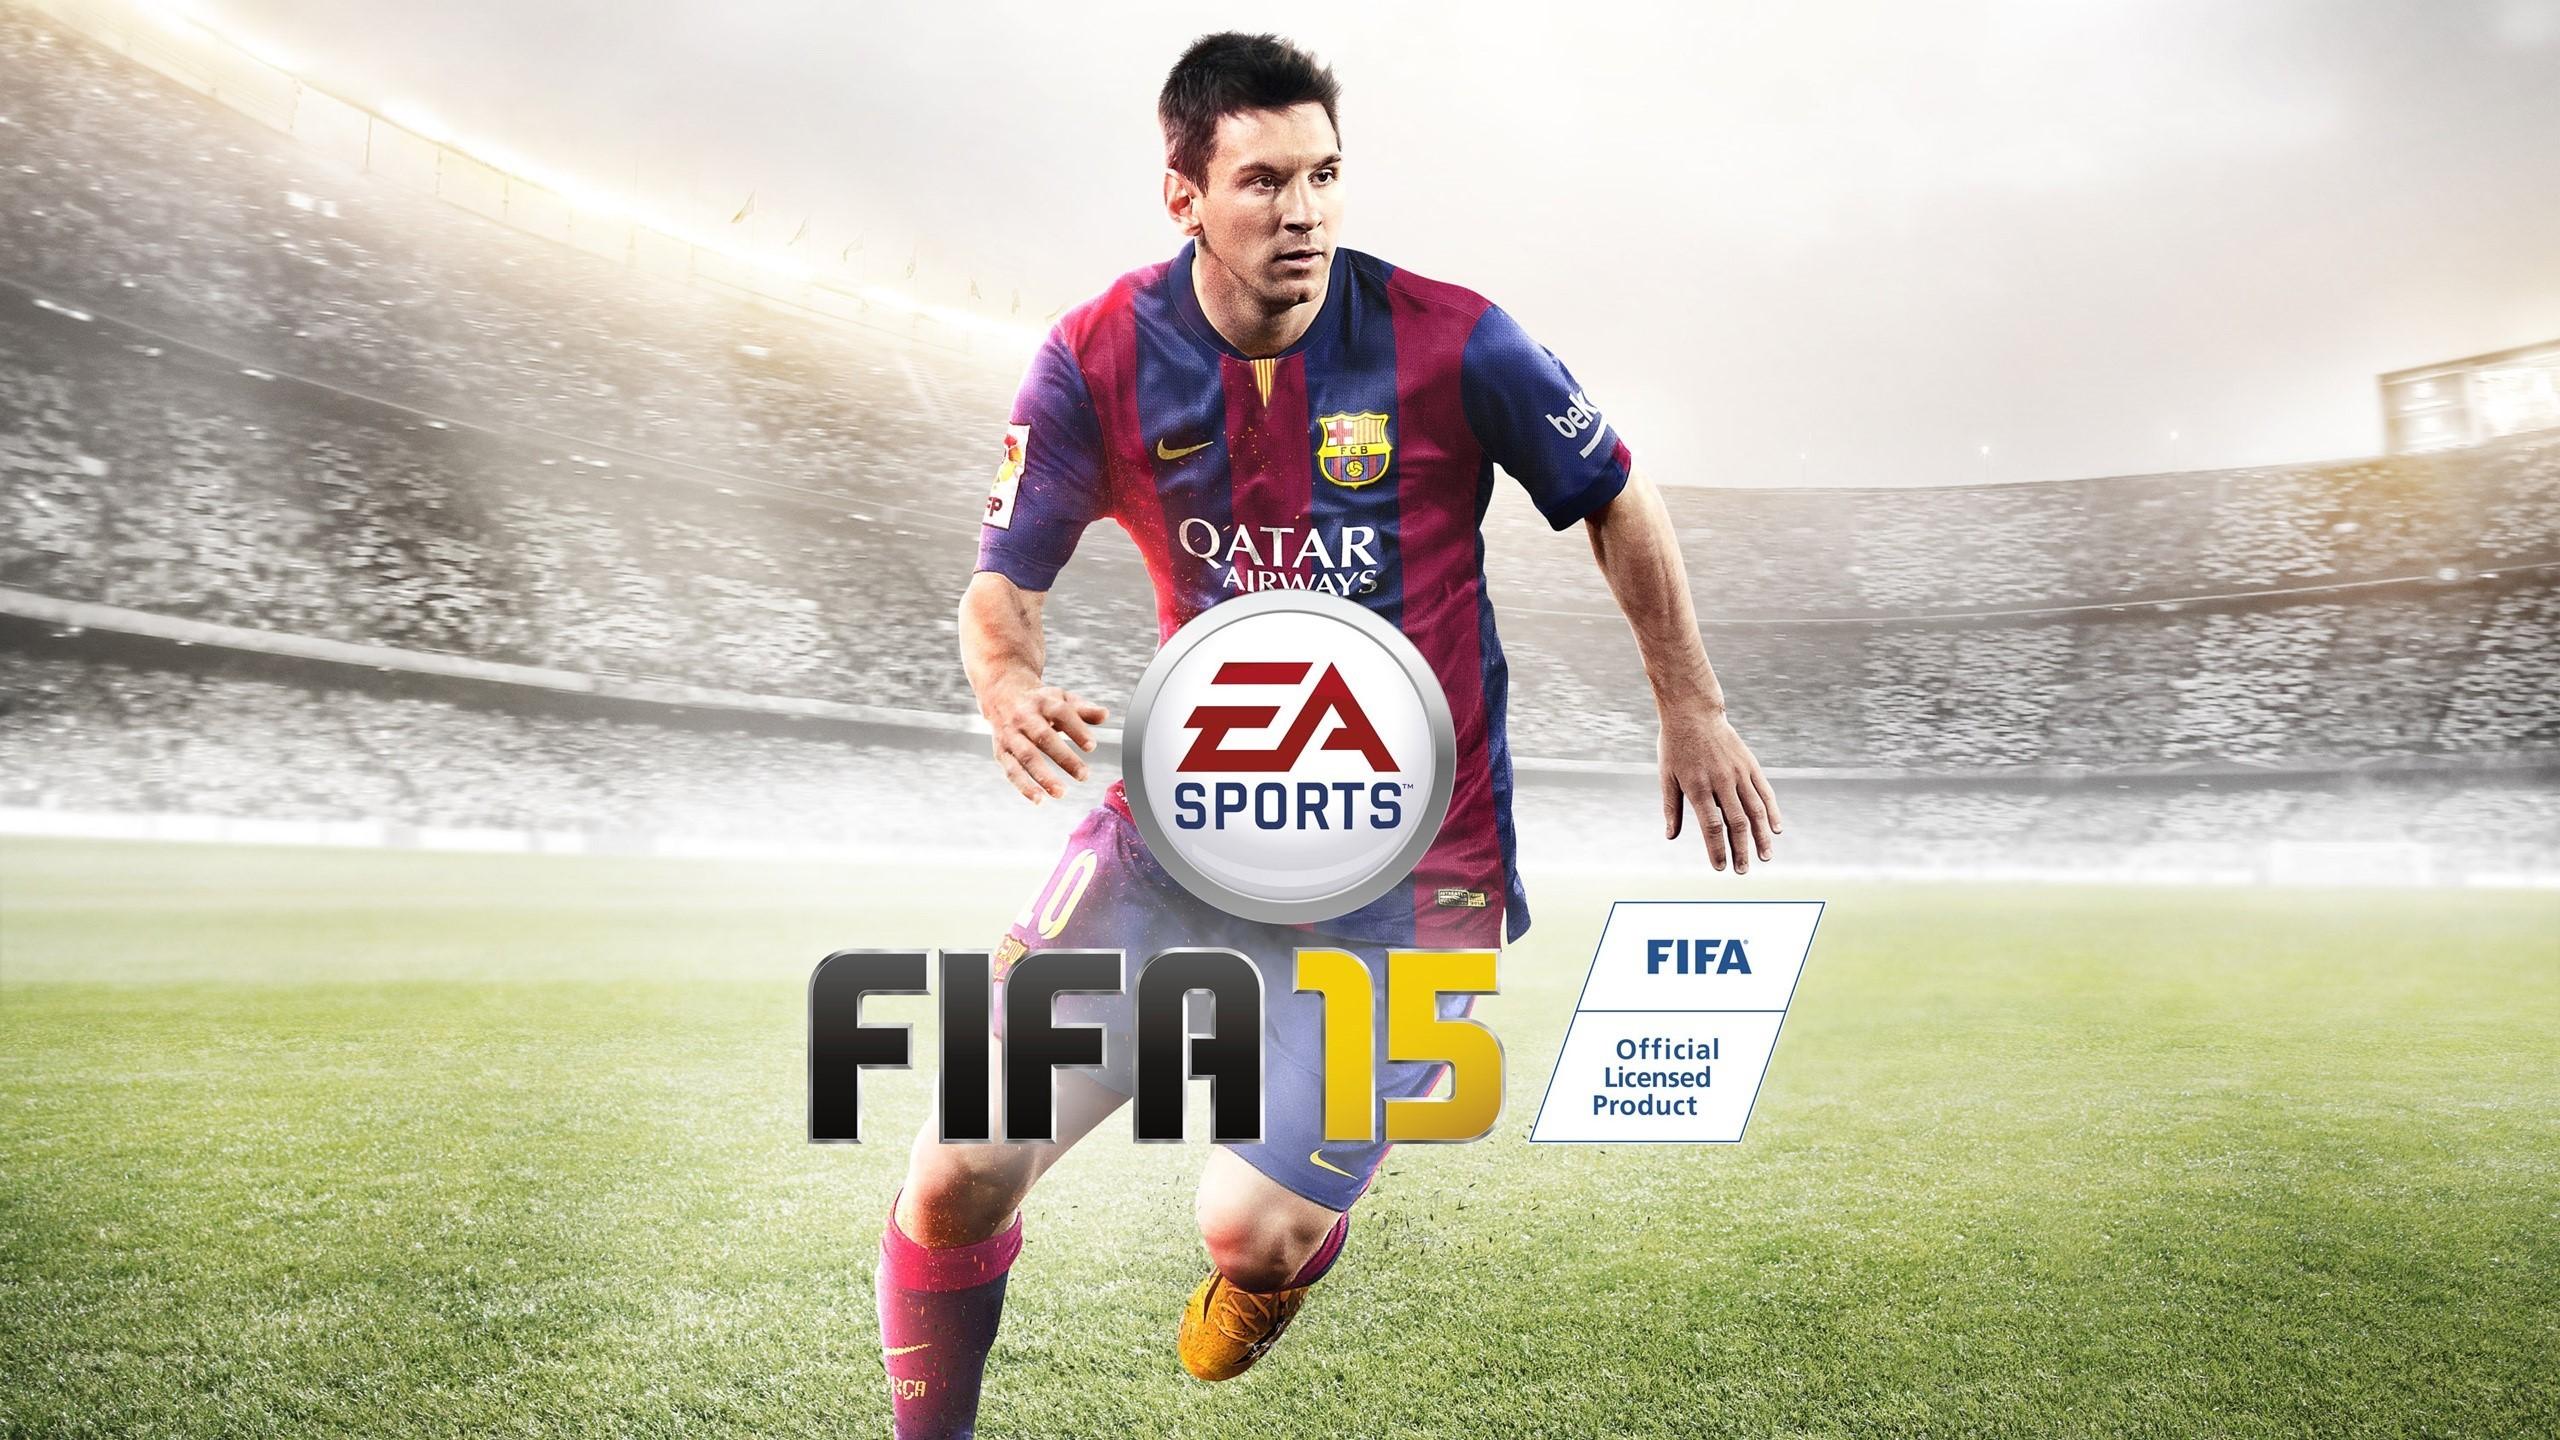 Купить Fifa 15 | +Бонус + Подарок + Гарантия